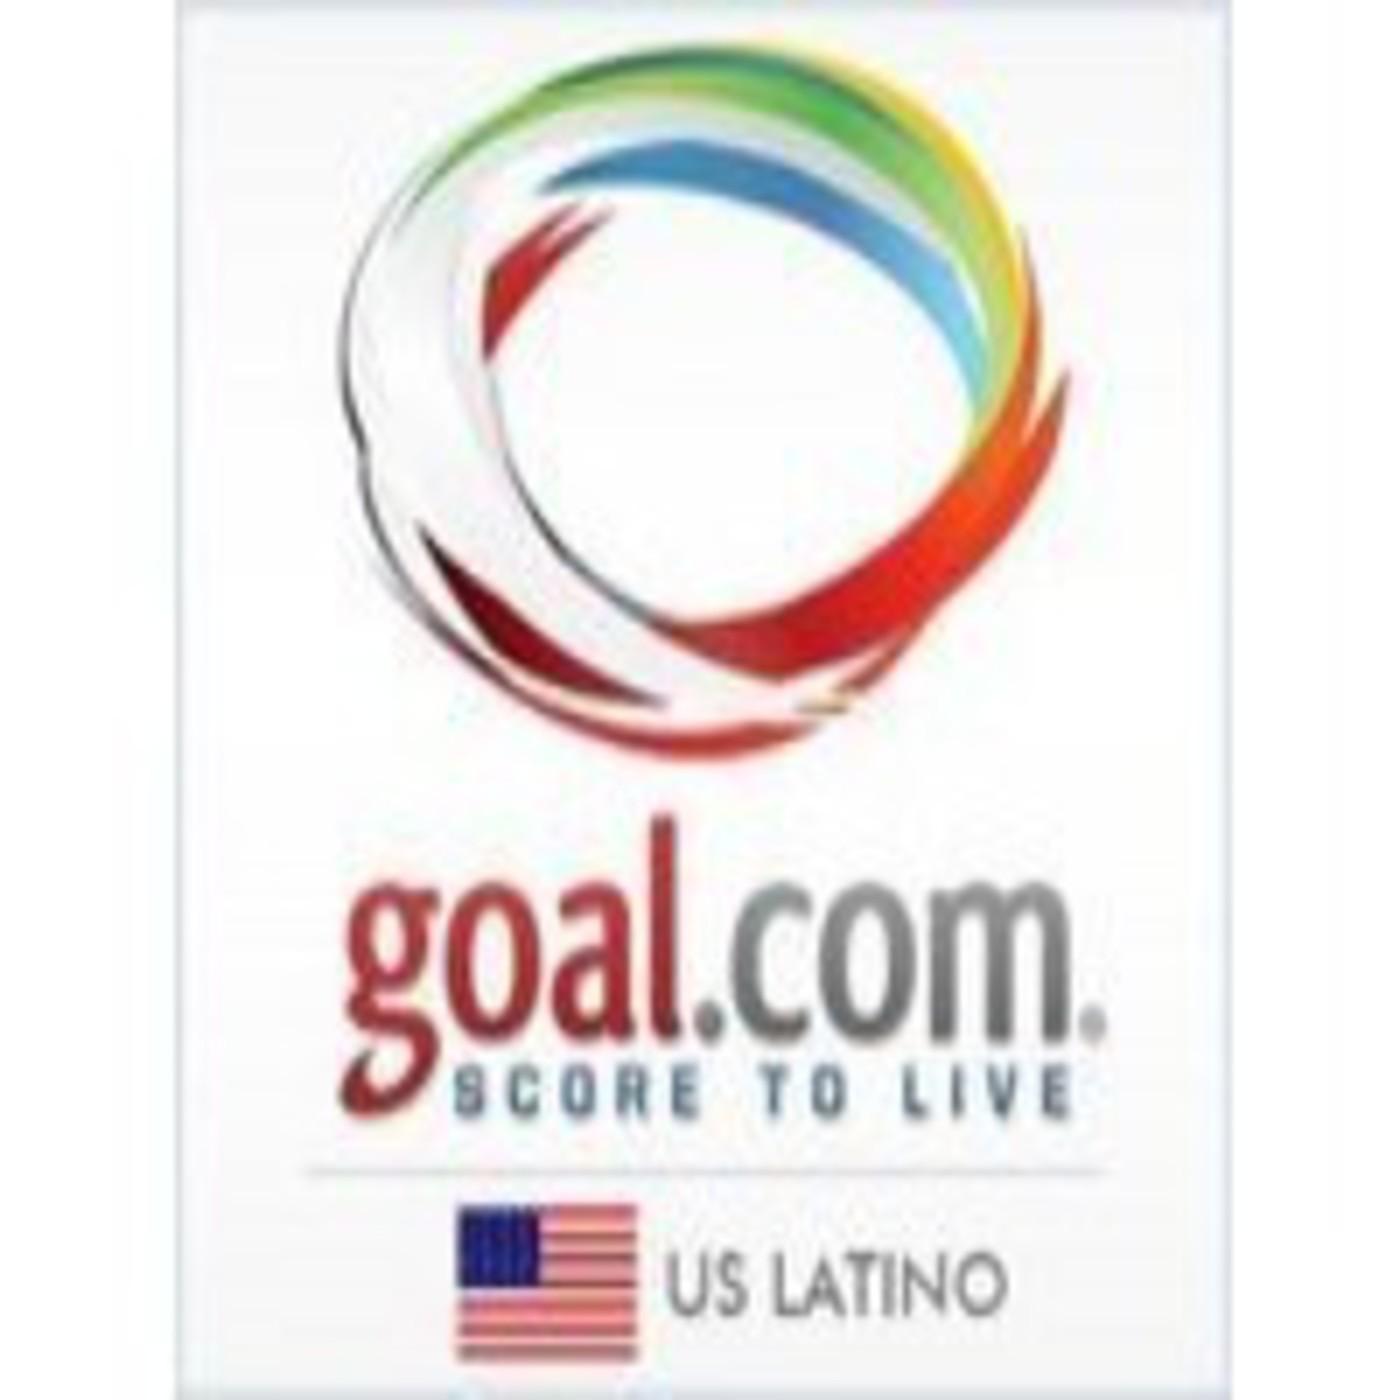 Podcast de Goal.com US Latino - Programa 3 (Parte 1)